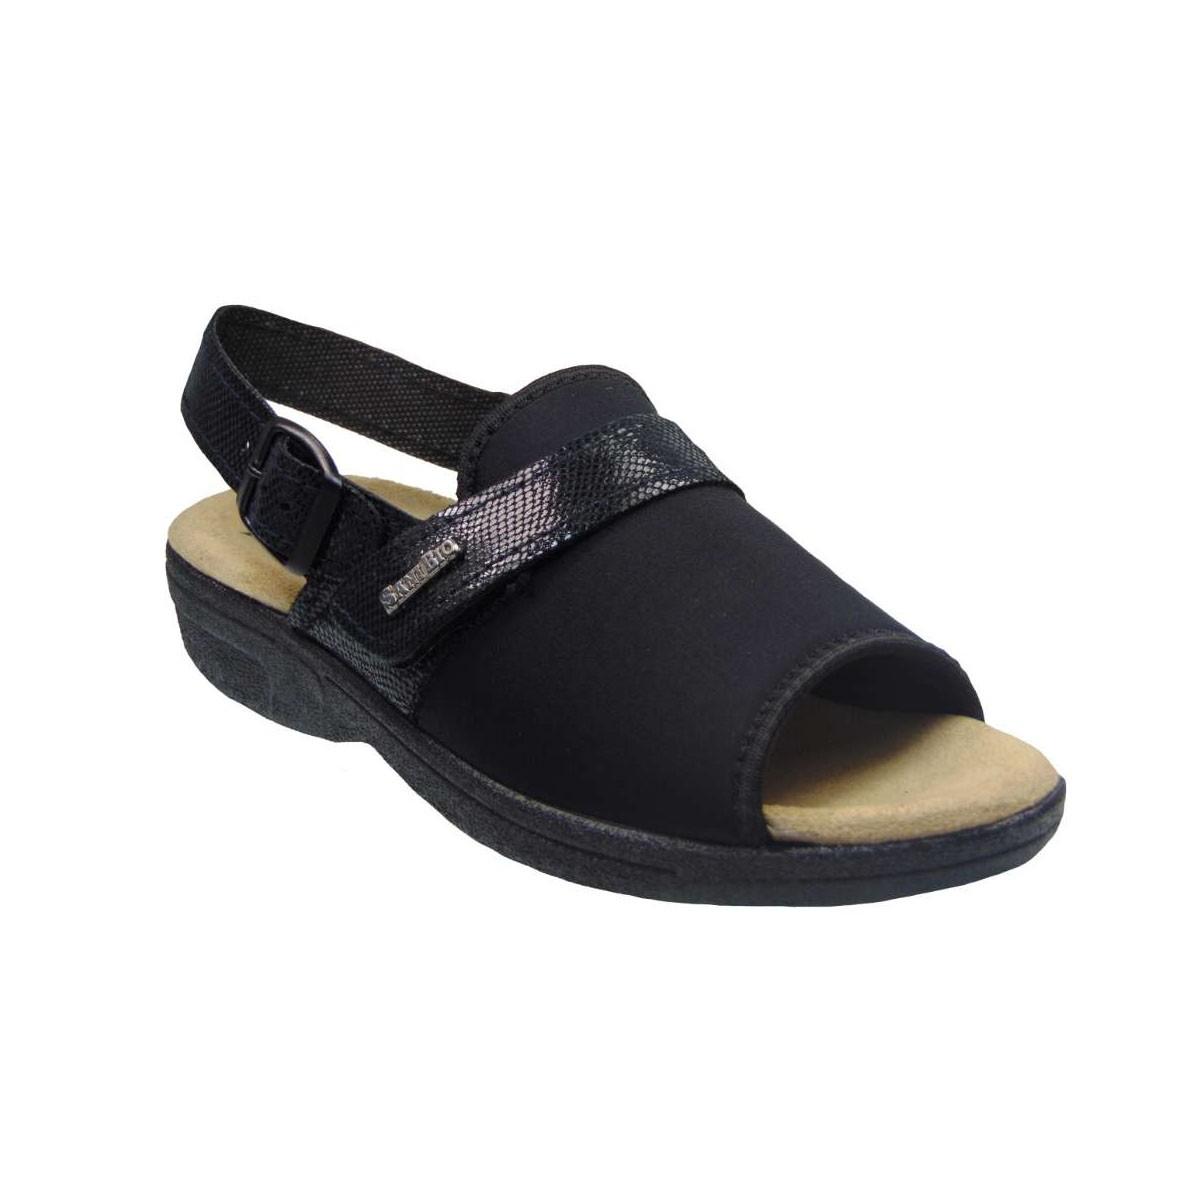 Tsimpolis Shoes 1416 Ανατομικό Πέδιλο Μαύρο